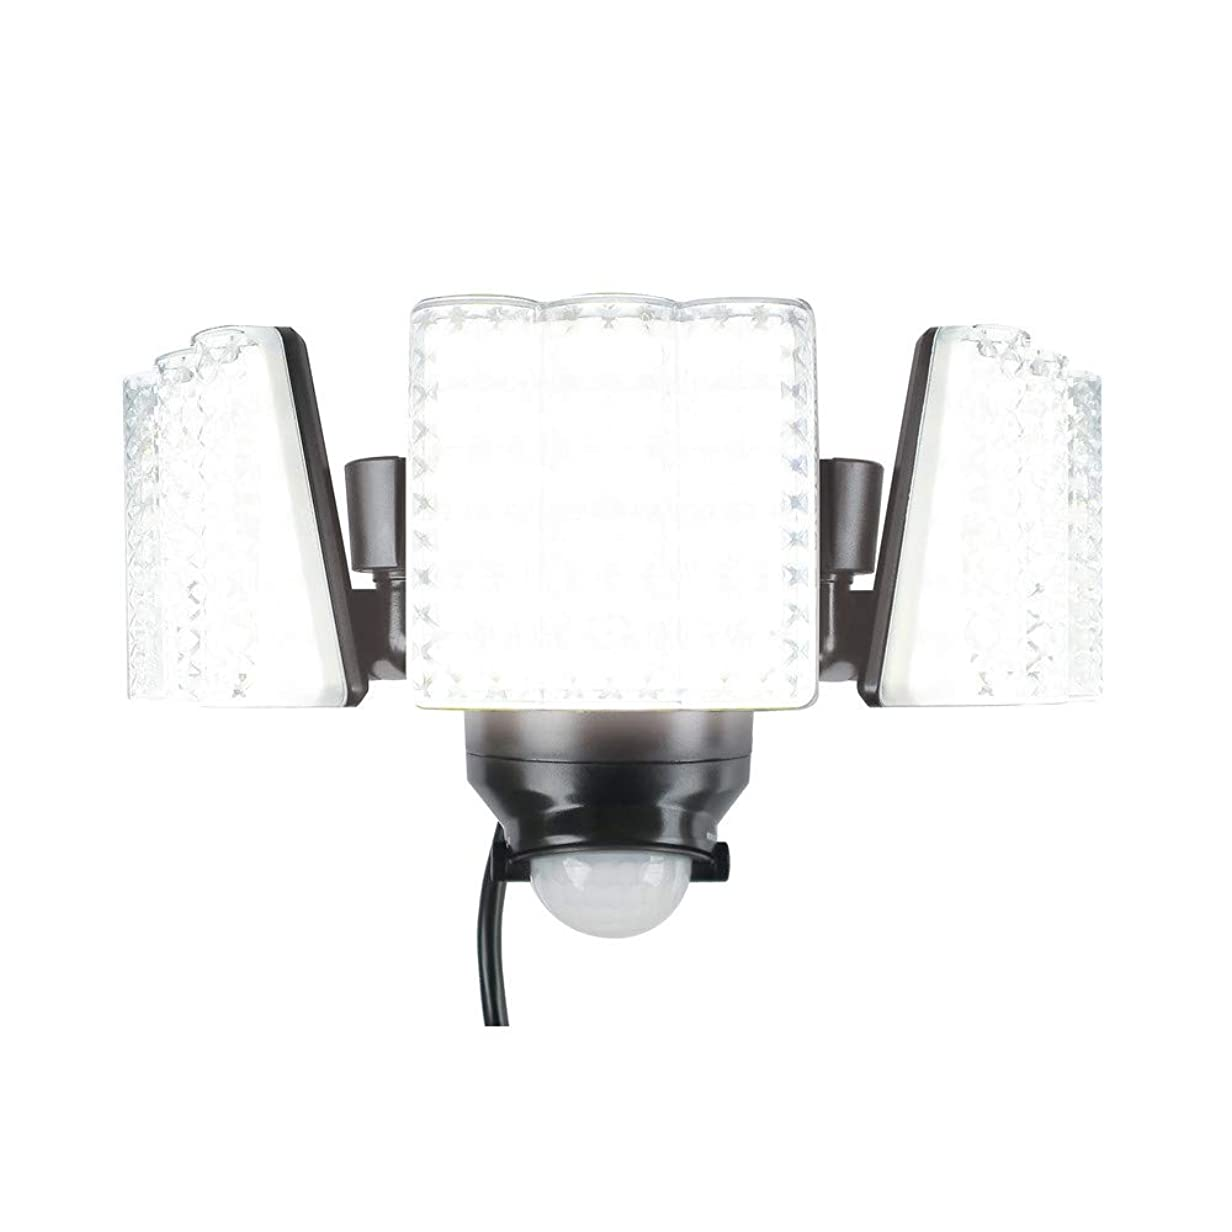 干ばつラベルバランス大進(ダイシン) 大進(DAISIN) LED センサーライト 3灯式 DLA-7T300 DLA-7T300 奥行24×高さ13.5×幅16cm